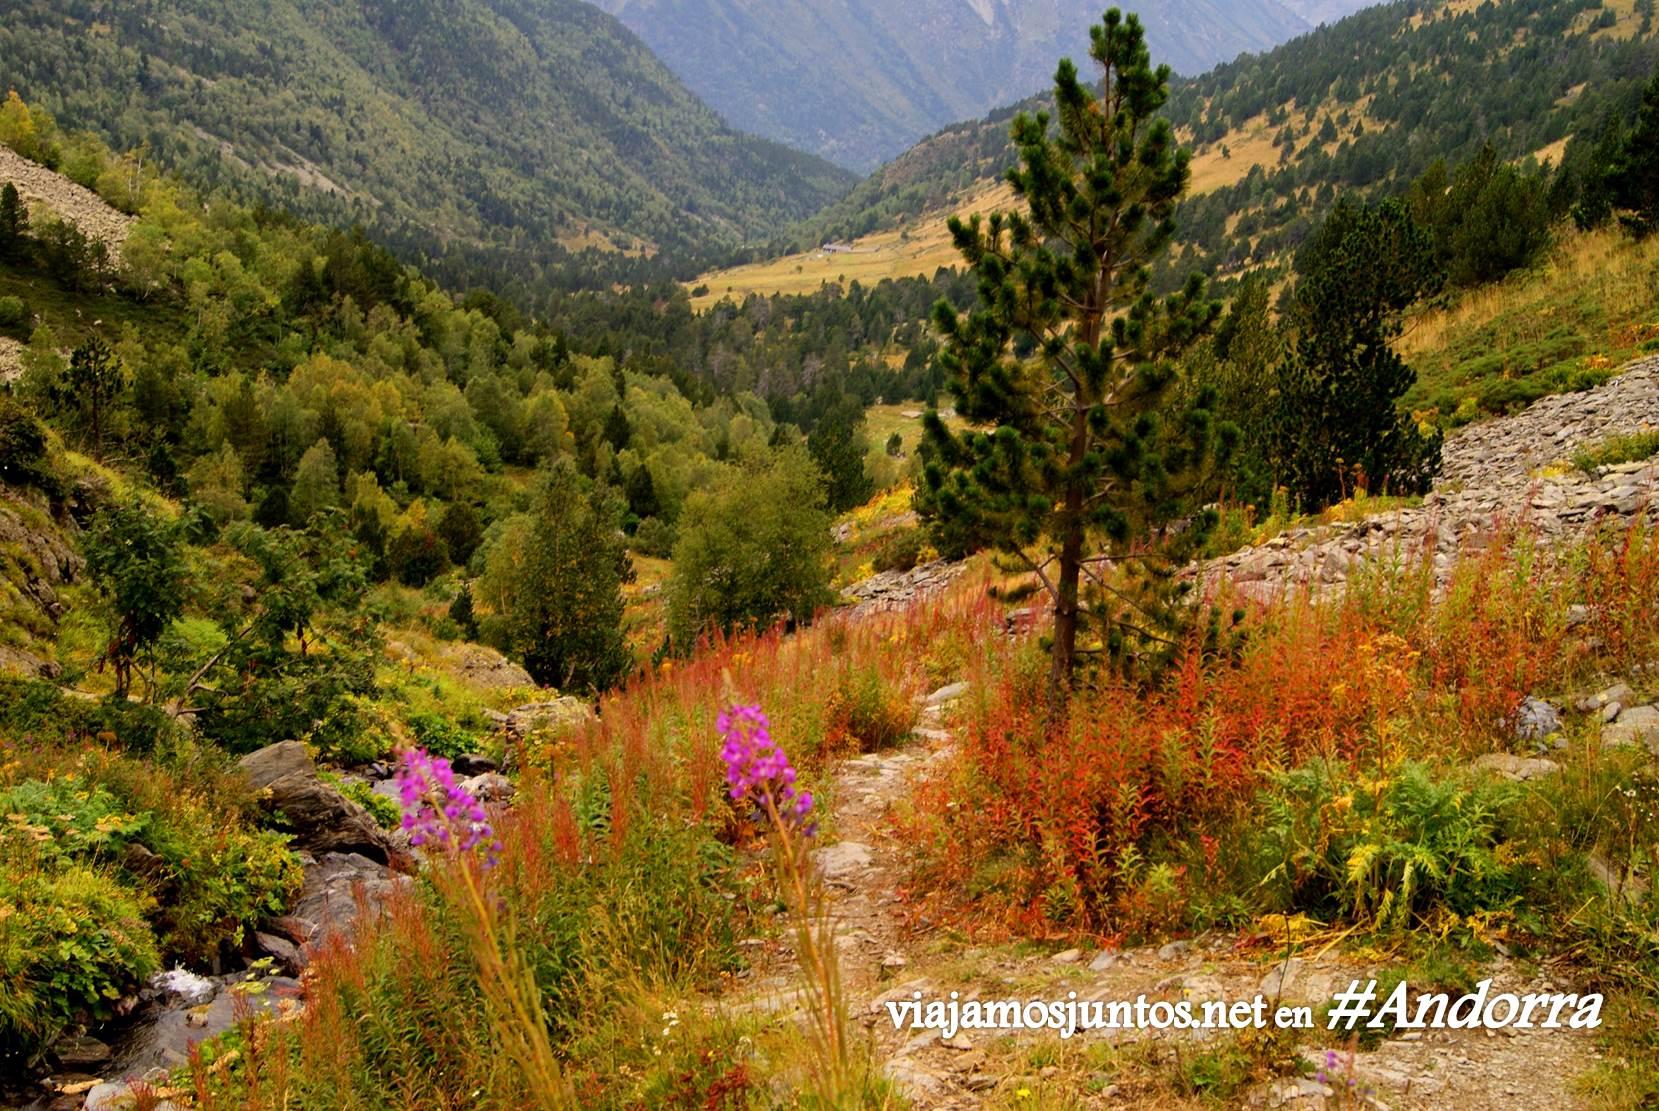 GRP de Andorra, trekking por los Pirineos Orientales; casi llegamos al refugio Bordes de Sorteny